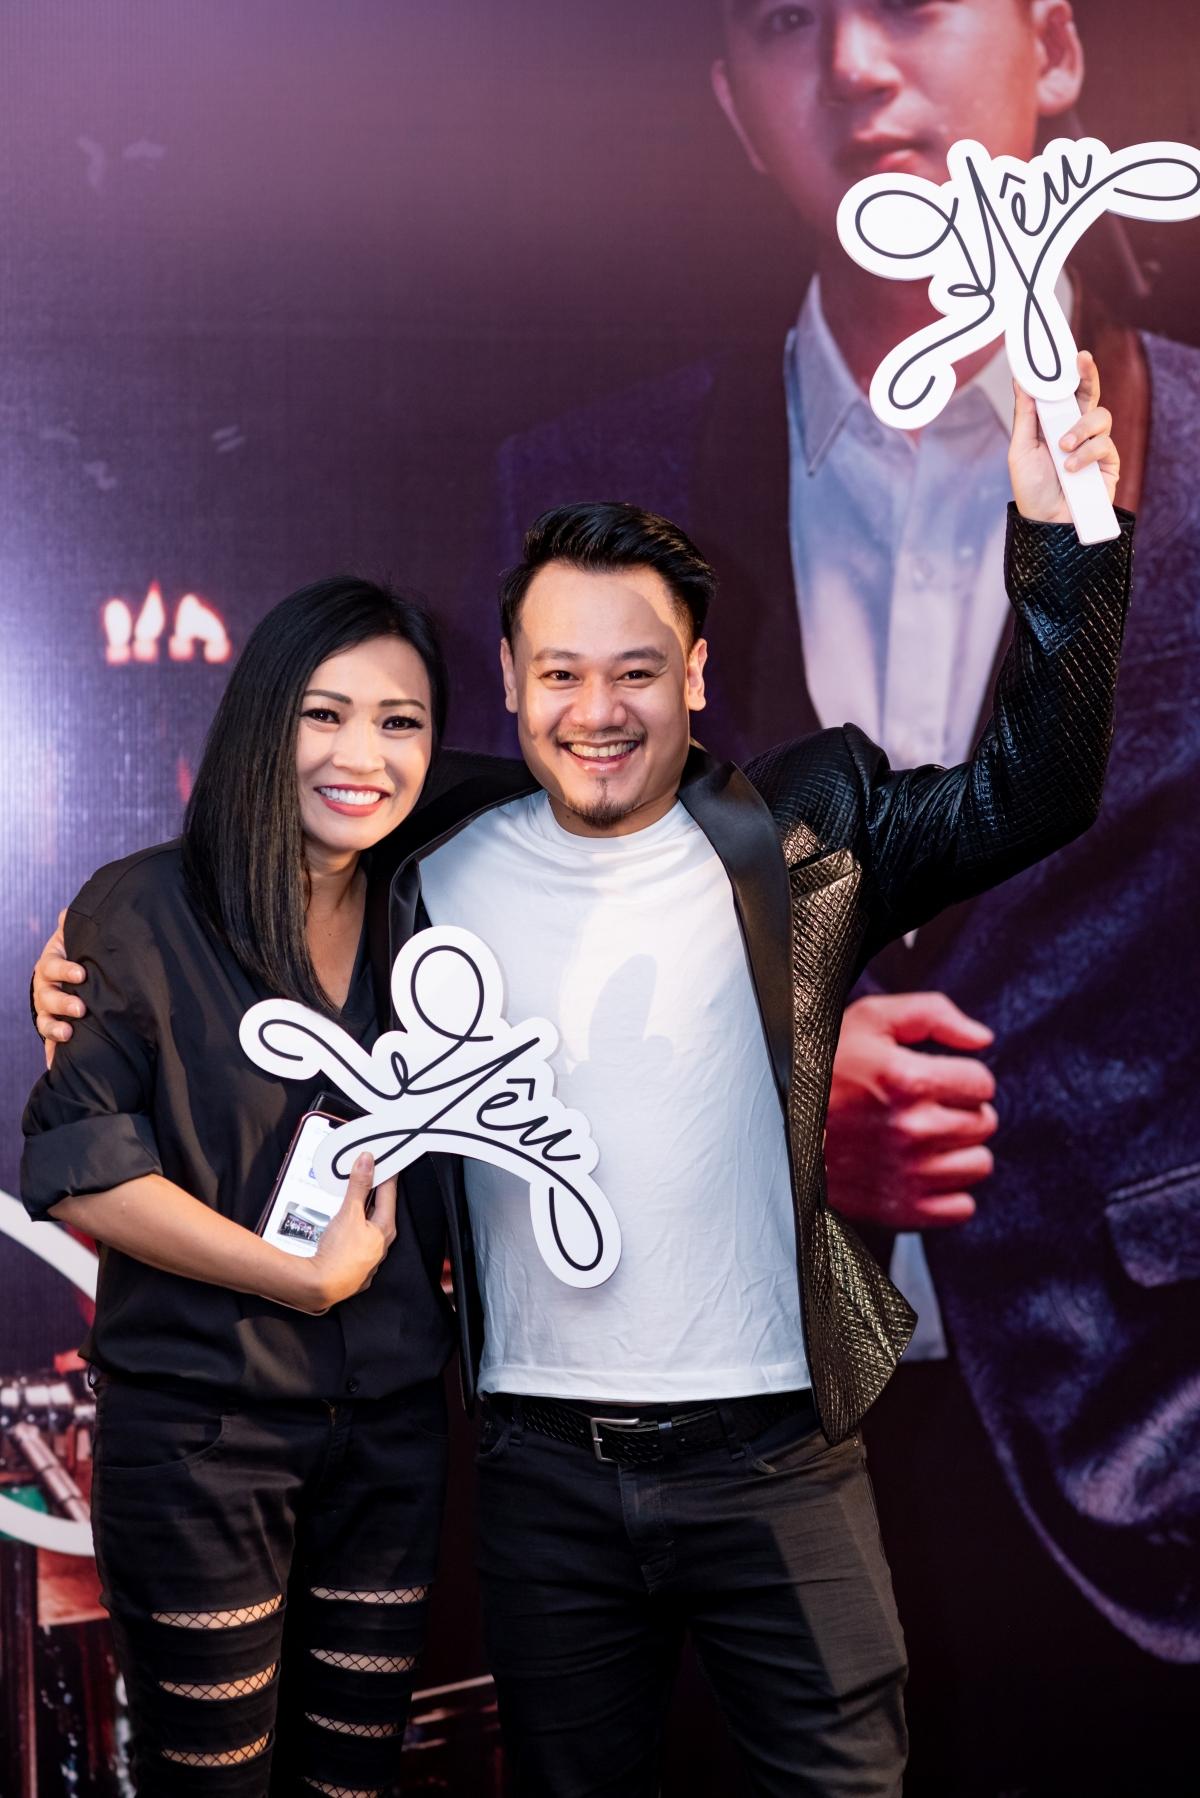 Ca sĩ Phương Thanh và nhạc sĩ Nguyễn Đức Cường.